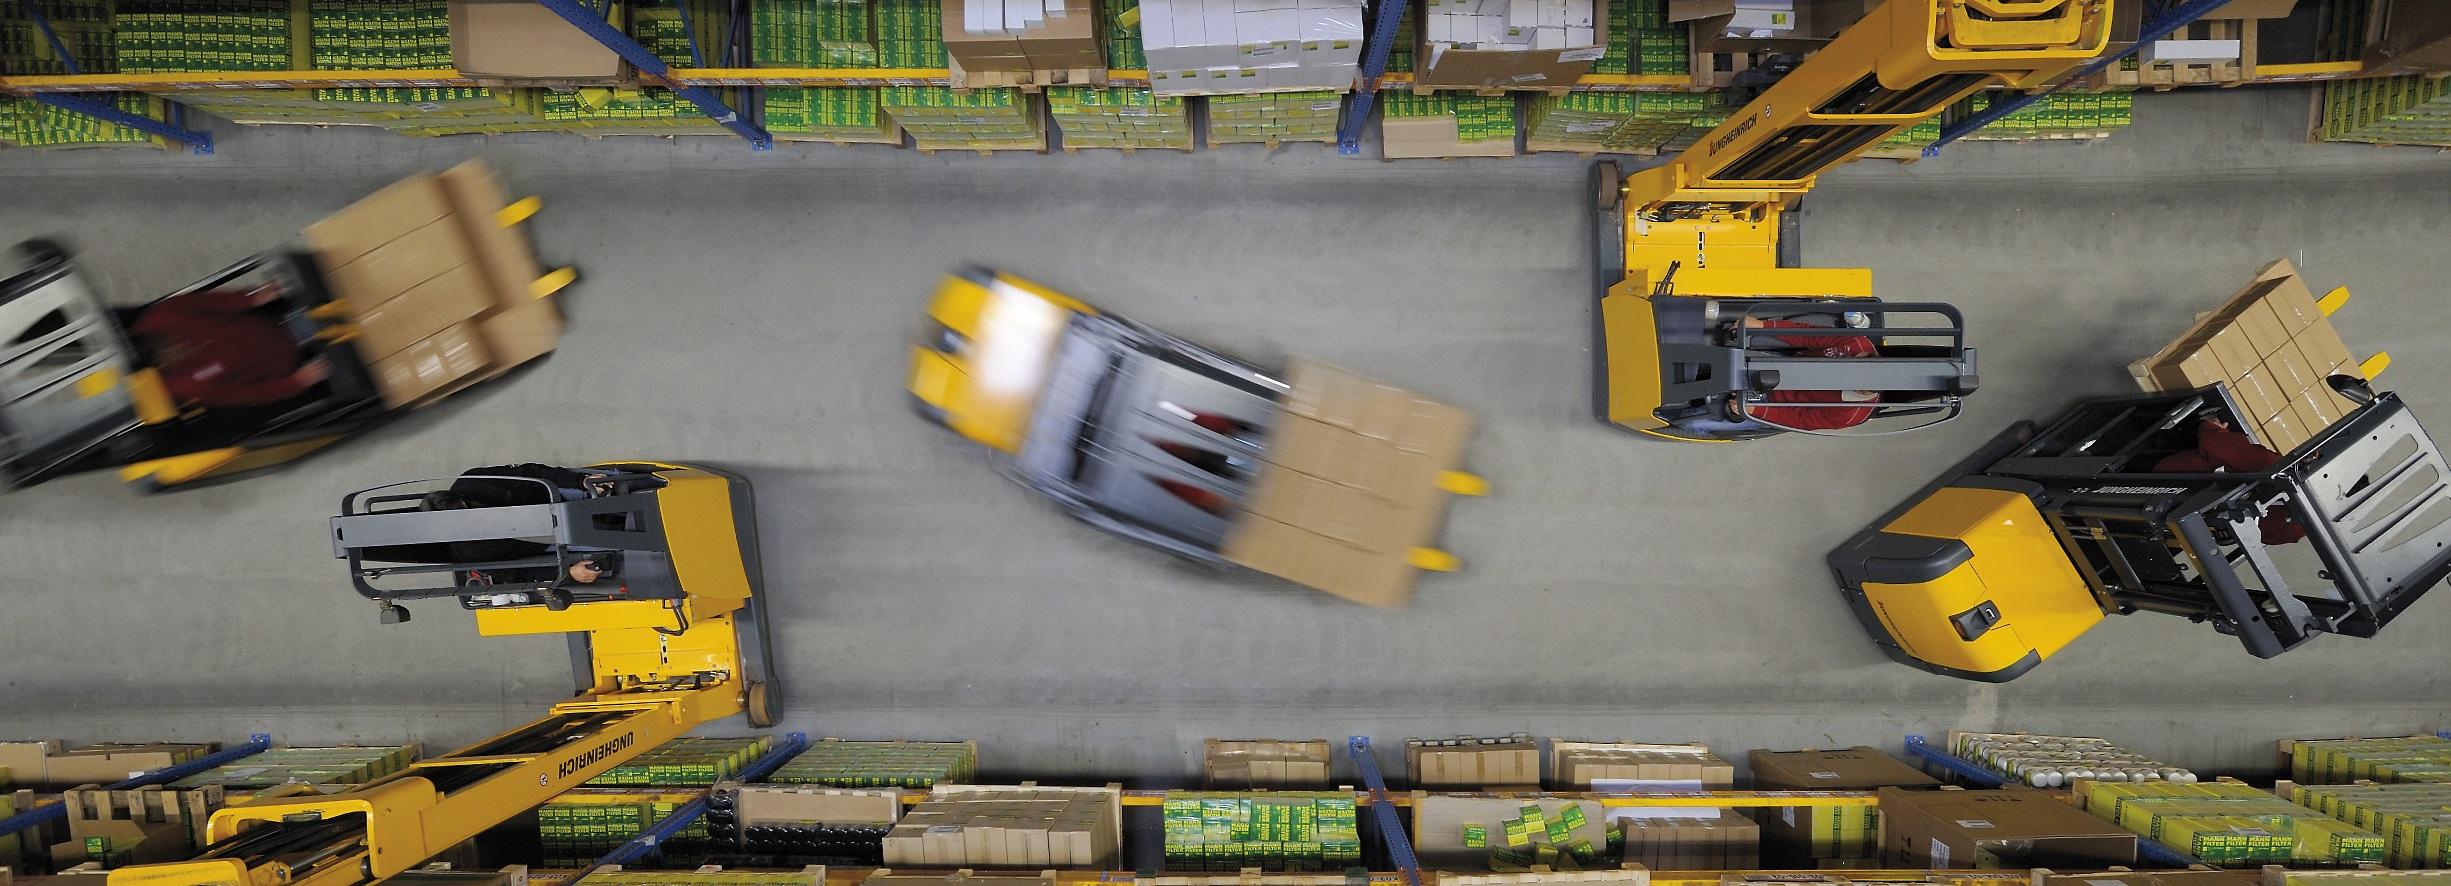 Efficiënte magazijninrichting is een logistieke krachttour.